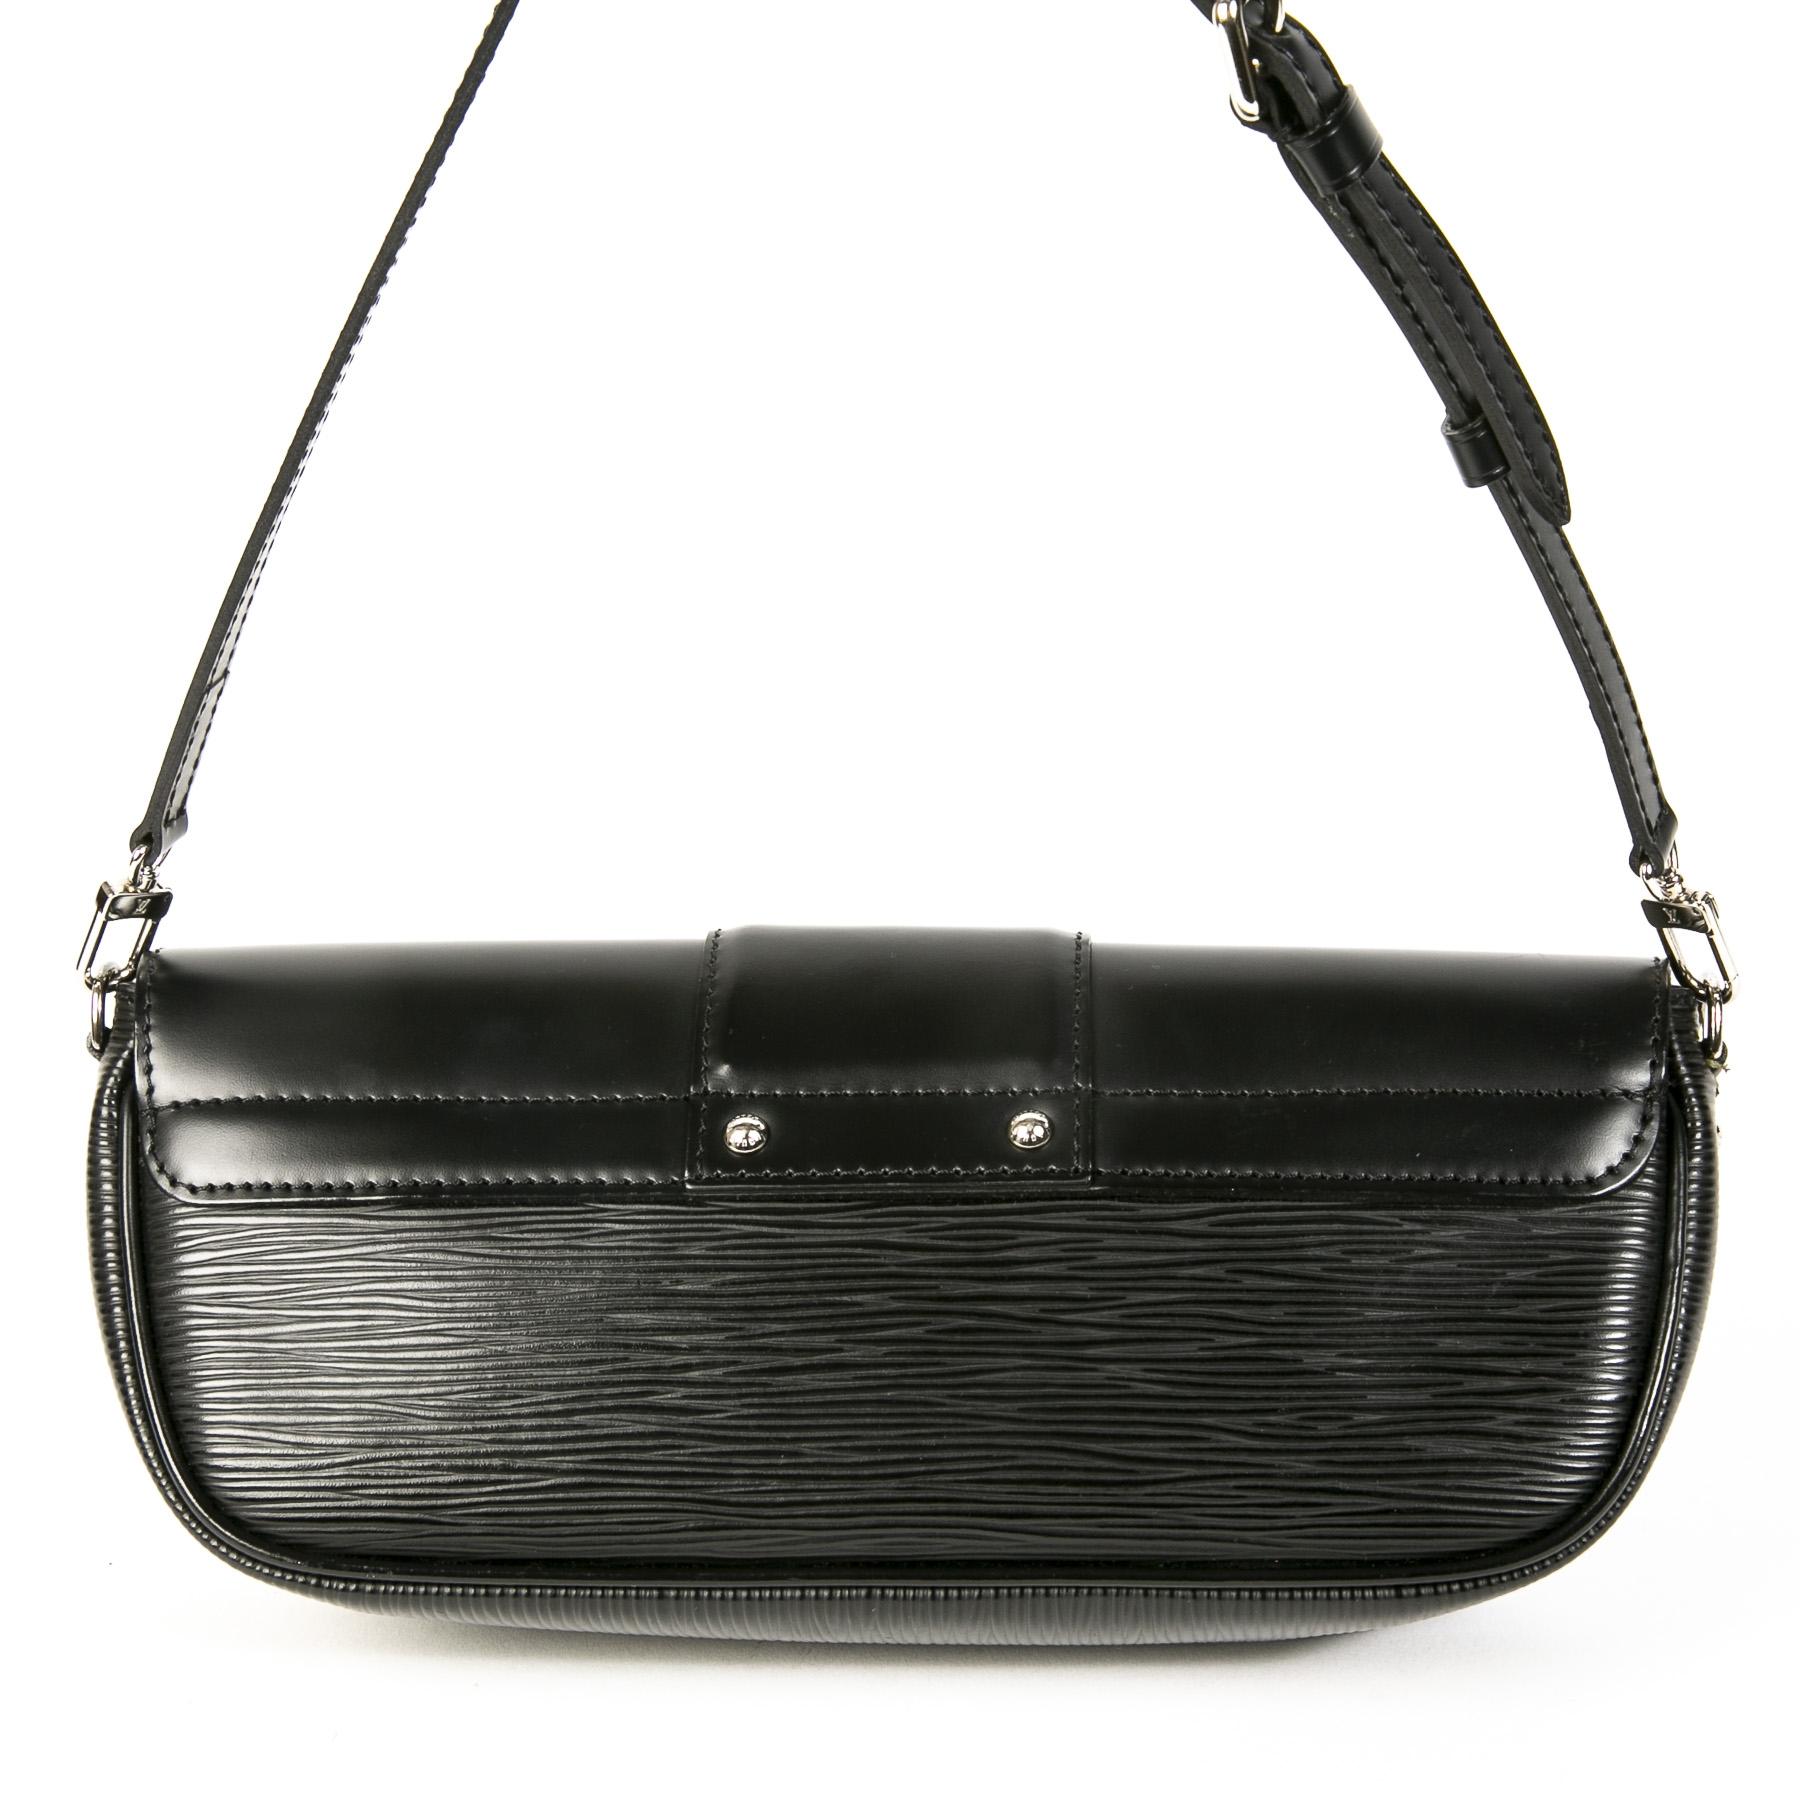 Authentieke Tweedehands Louis Vuitton Black Epi Leather Montaigne Pochette Bag juiste prijs veilig online shoppen luxe merken webshop winkelen Antwerpen België mode fashion